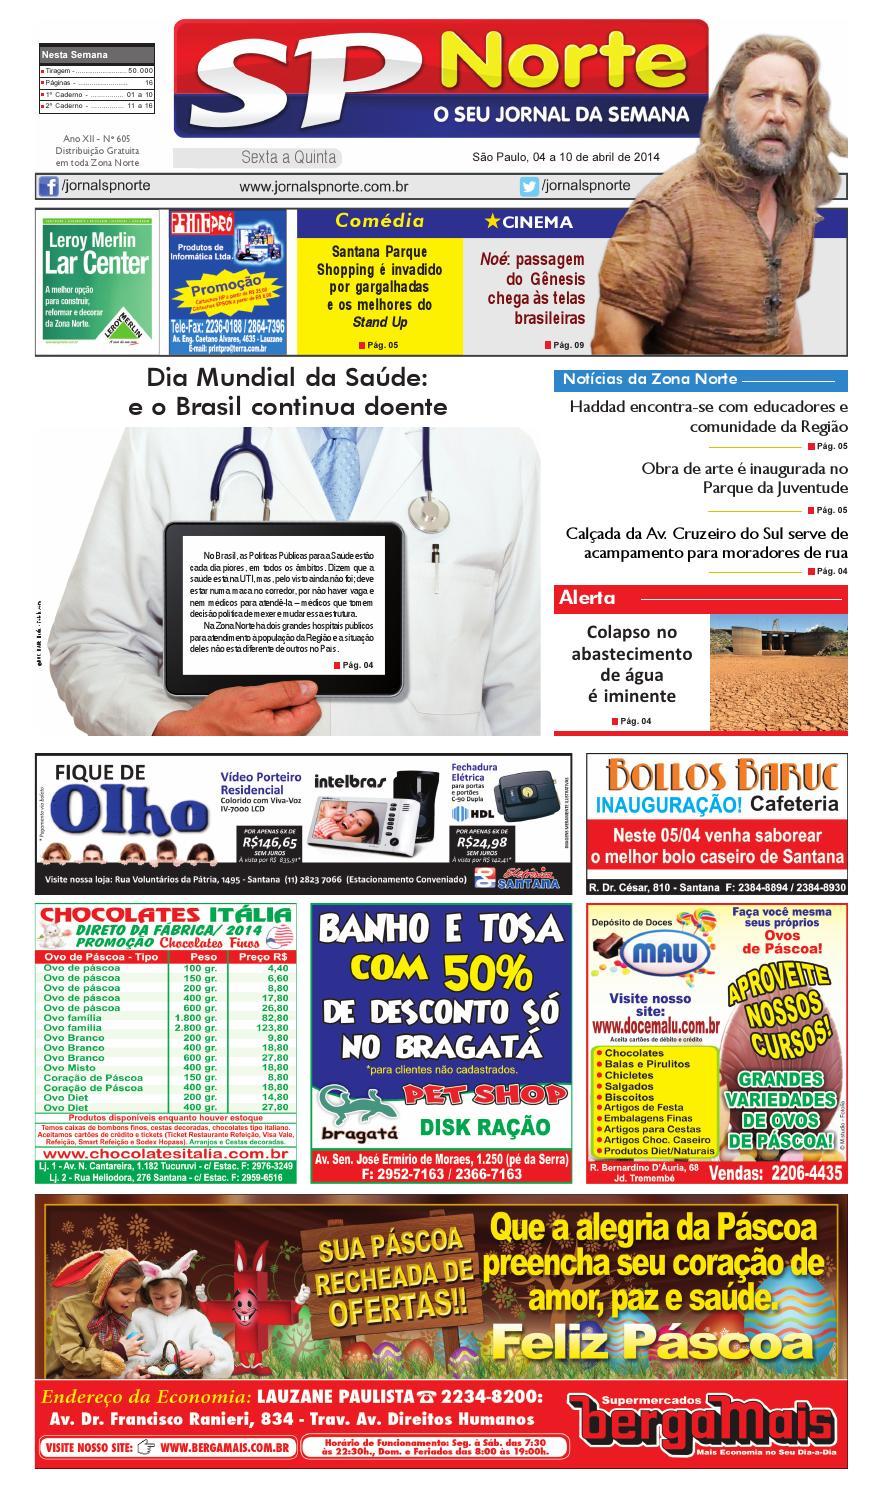 e24581664c32f Jornal SP Norte 605 by Grupo SP de jornais - issuu